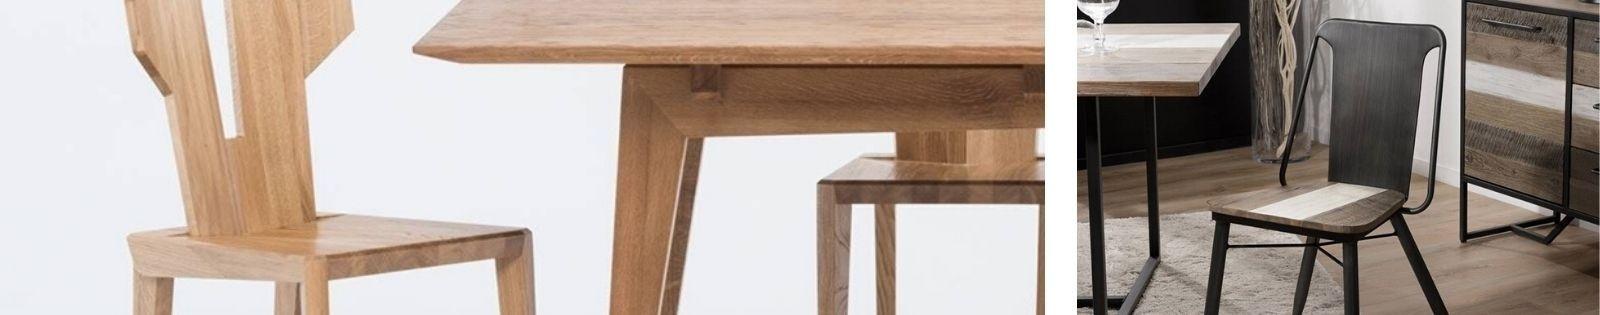 Chaise en bois massif : acacia, chêne, hévéa, teck... Lotuséa